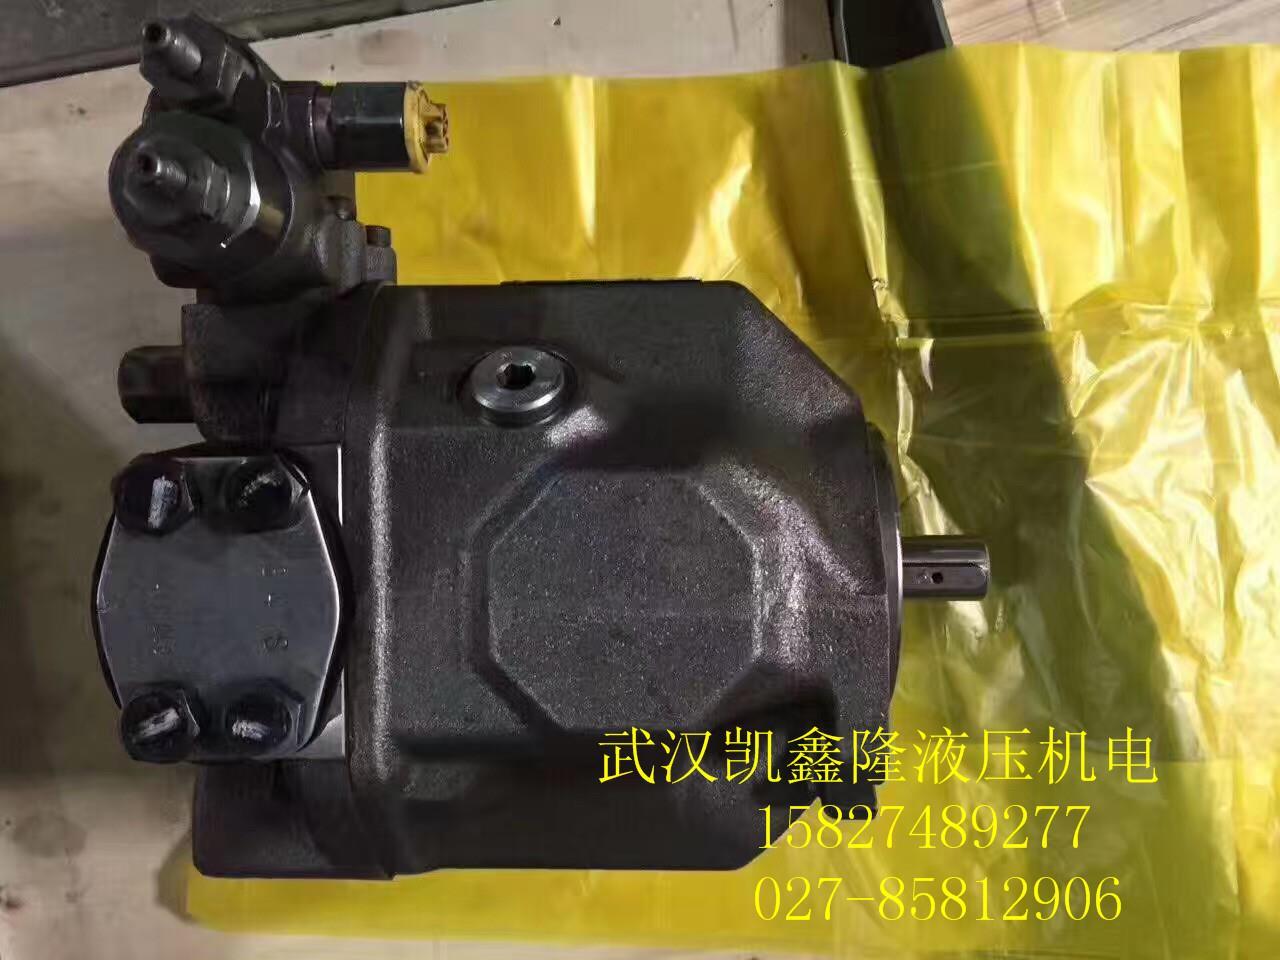 新闻:A11VO130LG1/10L-NSD12N00力士乐柱塞泵_武汉凯鑫隆液压机电设备有限公司